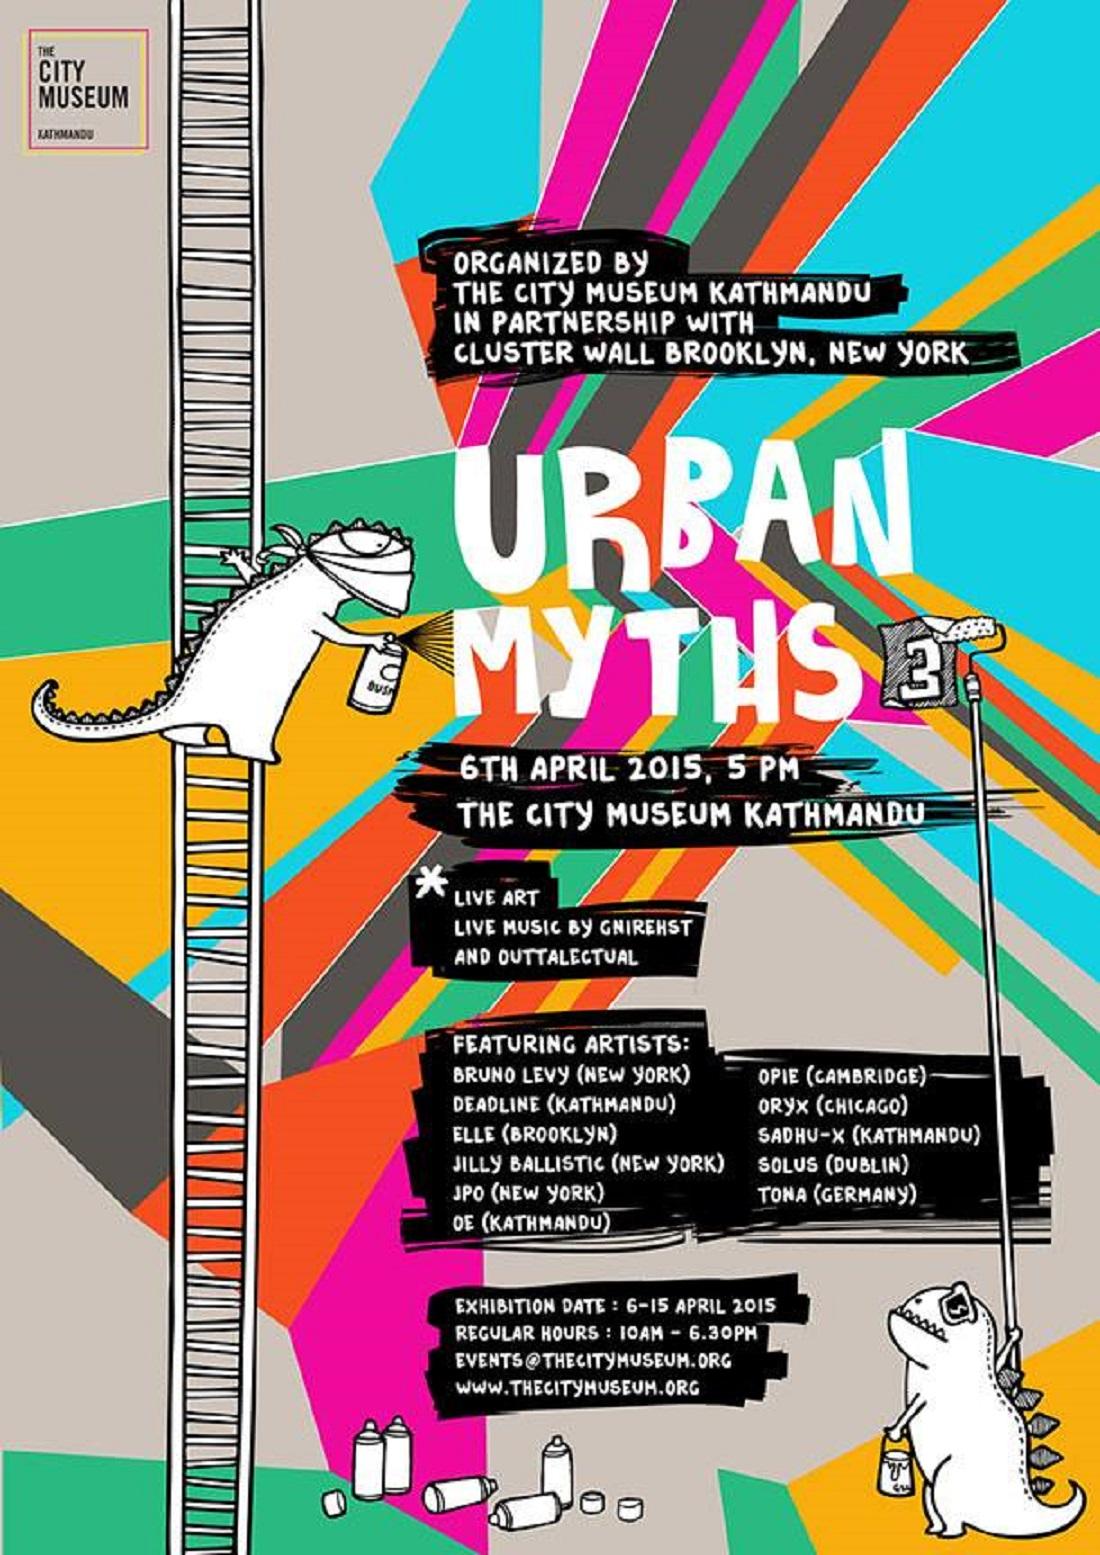 Urban Myths#3